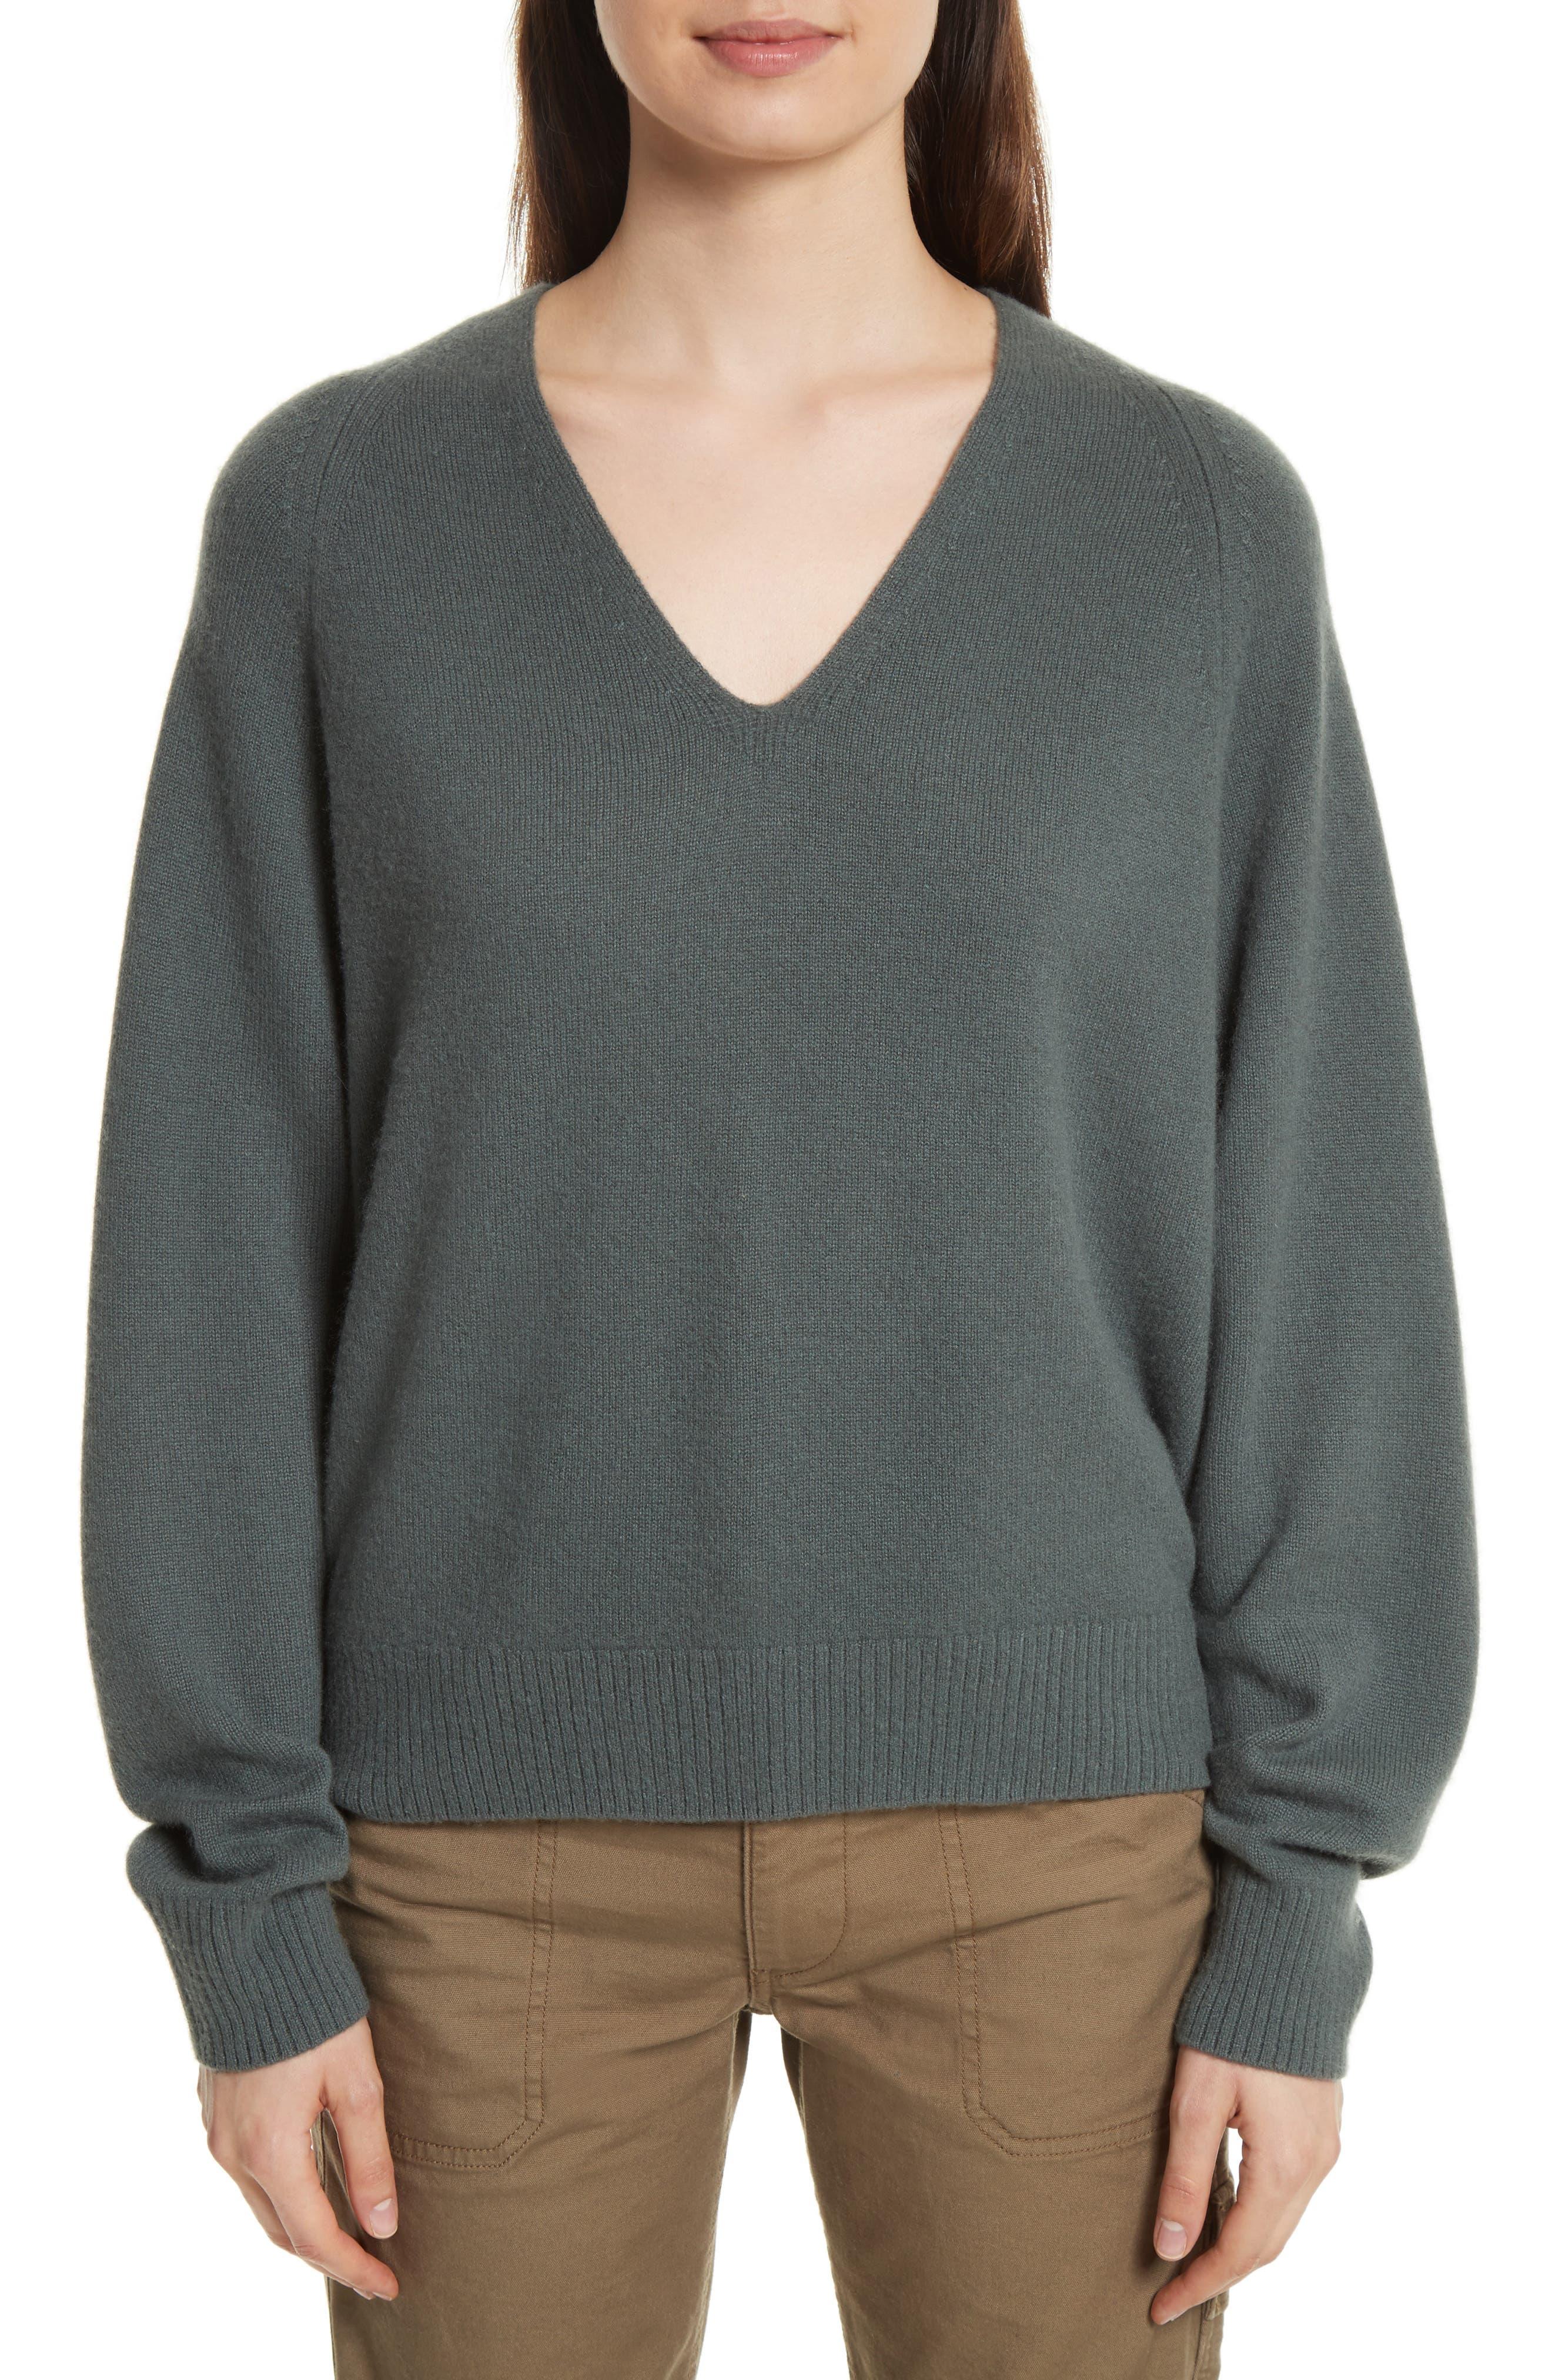 Alternate Image 1 Selected - Vince Deep V-Neck Cashmere Sweater